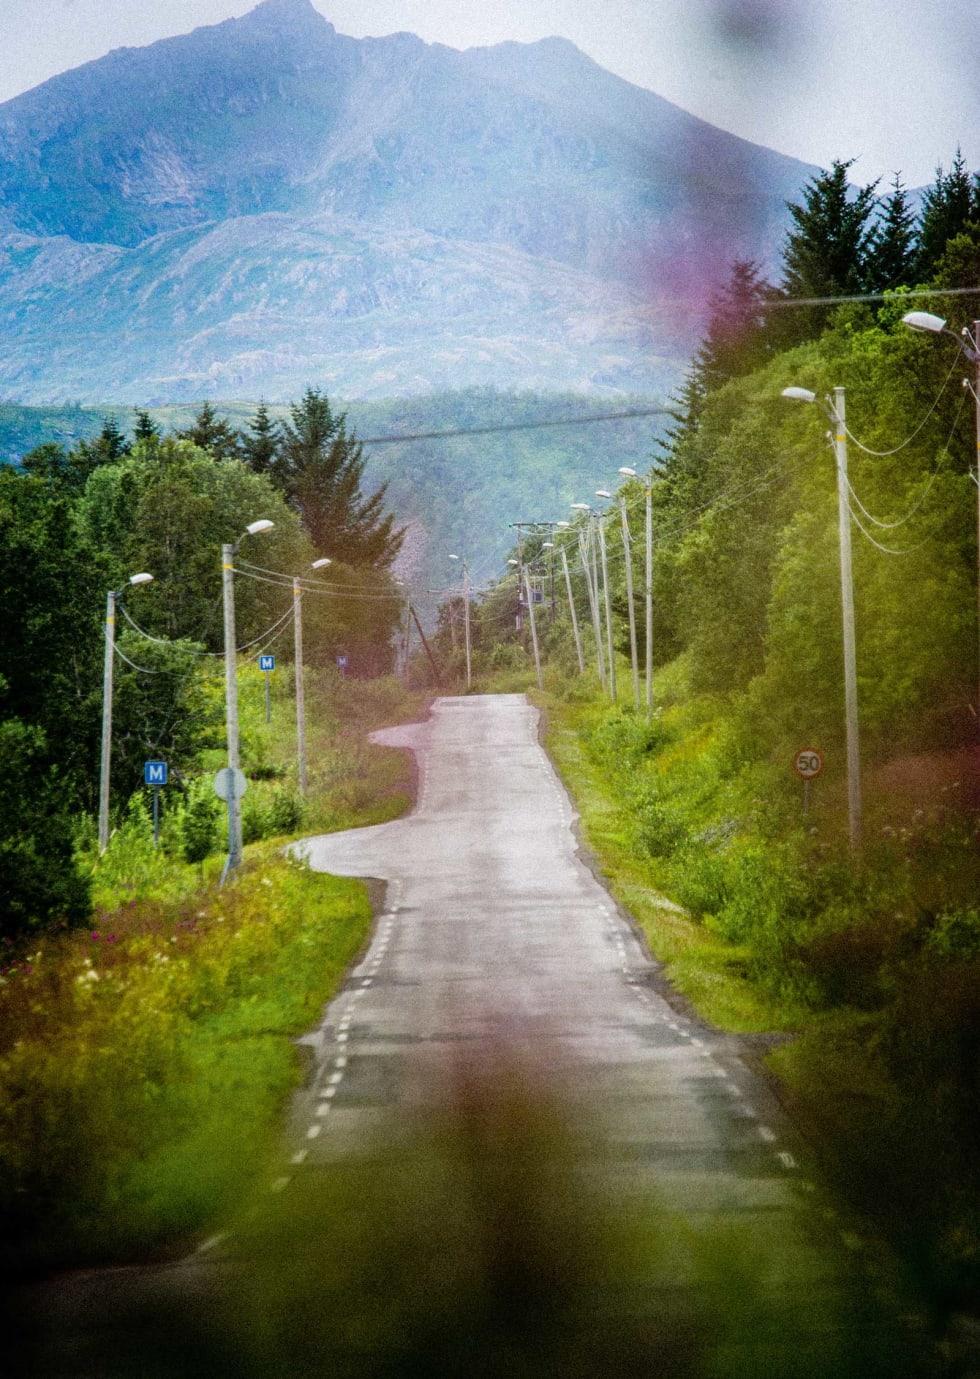 HULTER TIL BULTER: Telehiv og lite trafikk gjør sitt til at lyktestolpene står litt uryddig.